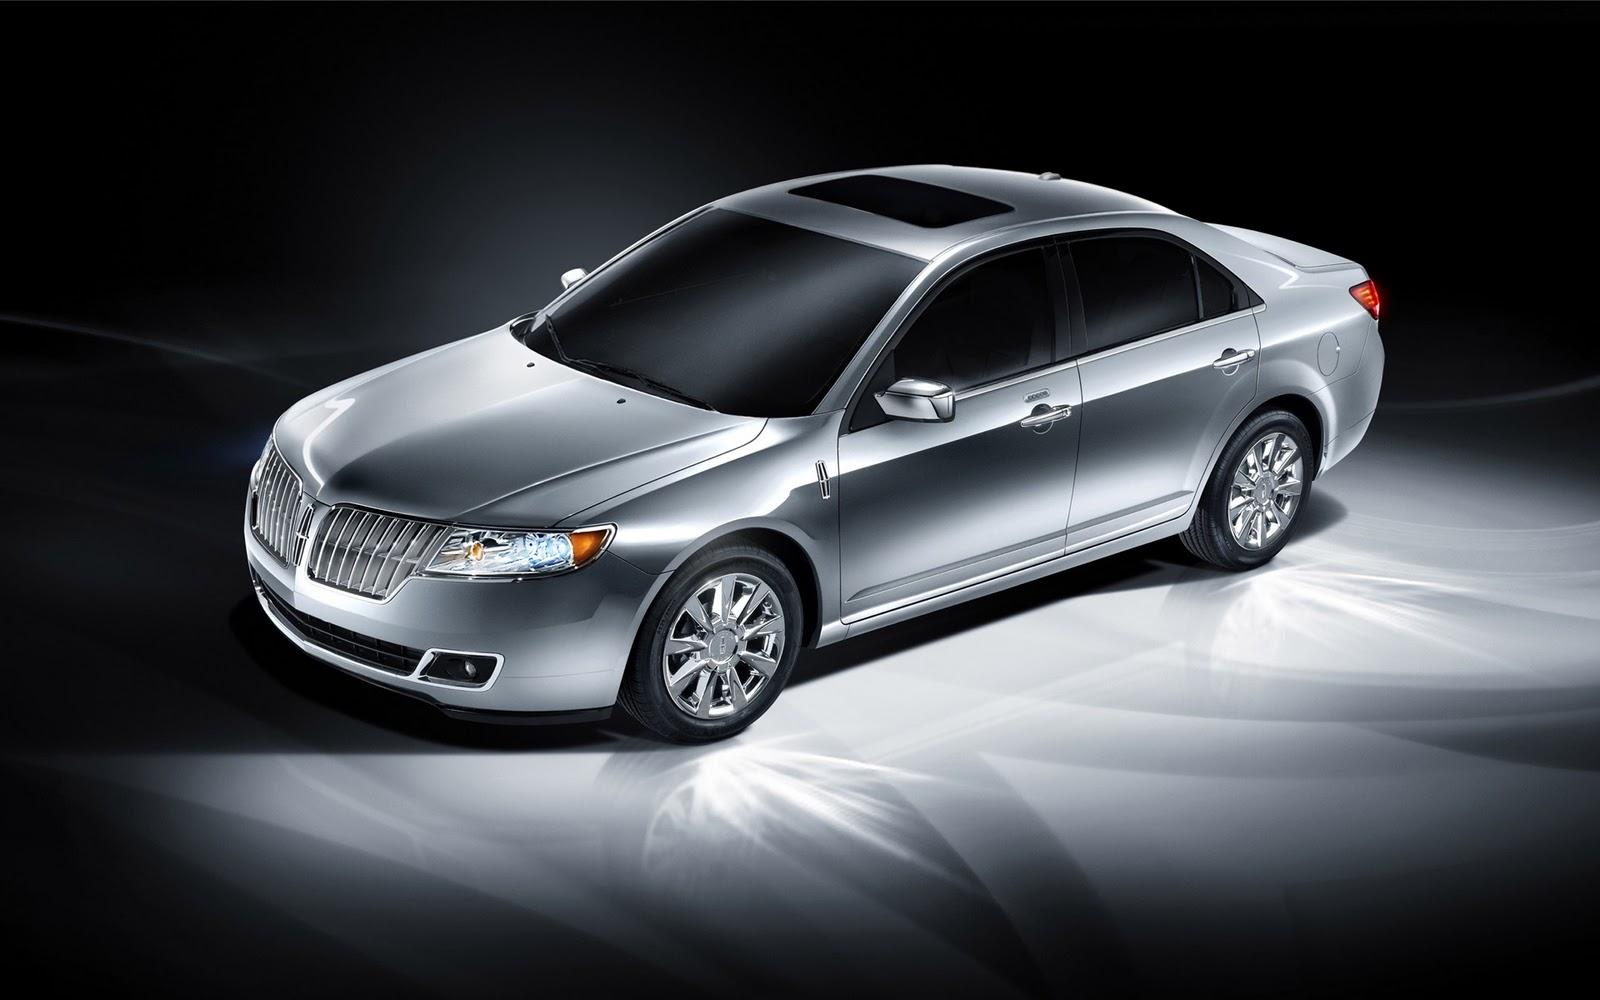 http://2.bp.blogspot.com/_XuRFEukSpnU/TSsHwJm9aAI/AAAAAAAAAB4/zzo1s6mcRmA/s1600/lincoln-latest-car-wallpaper.jpg